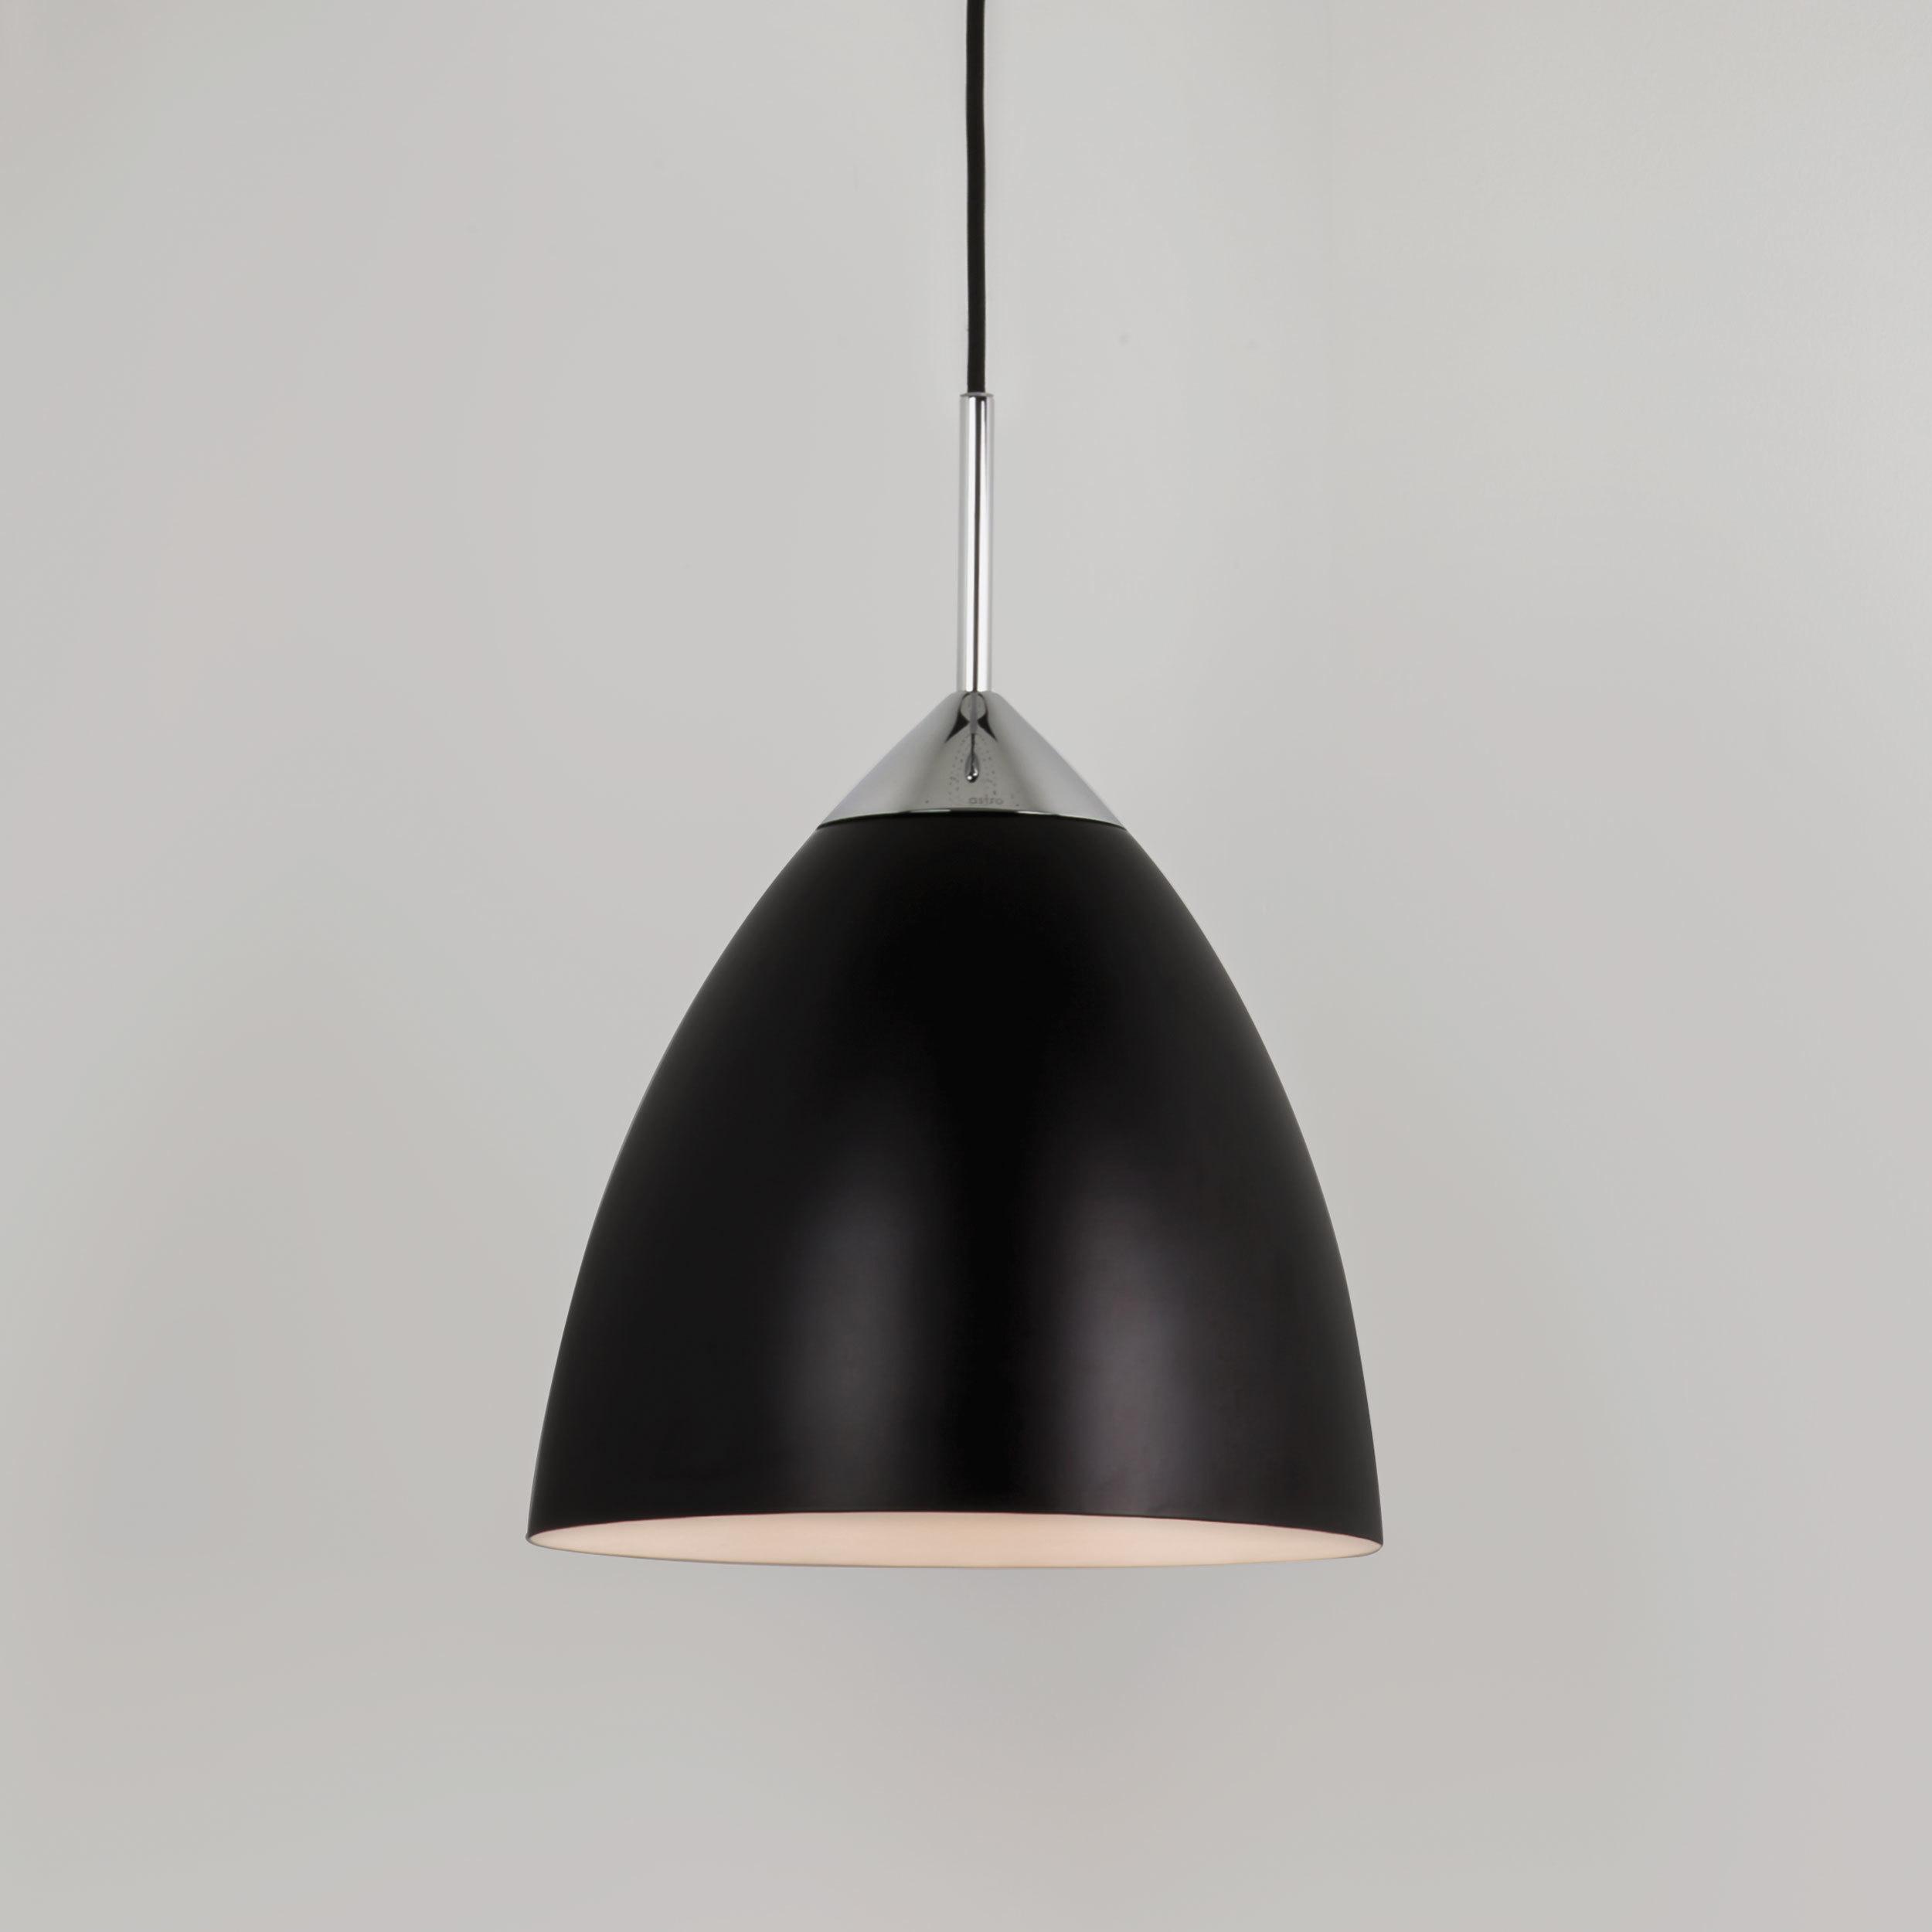 Подвесной светильник Astro Joel 1223023 (7415), 1xE27x72W, хром, черный, металл - фото 1